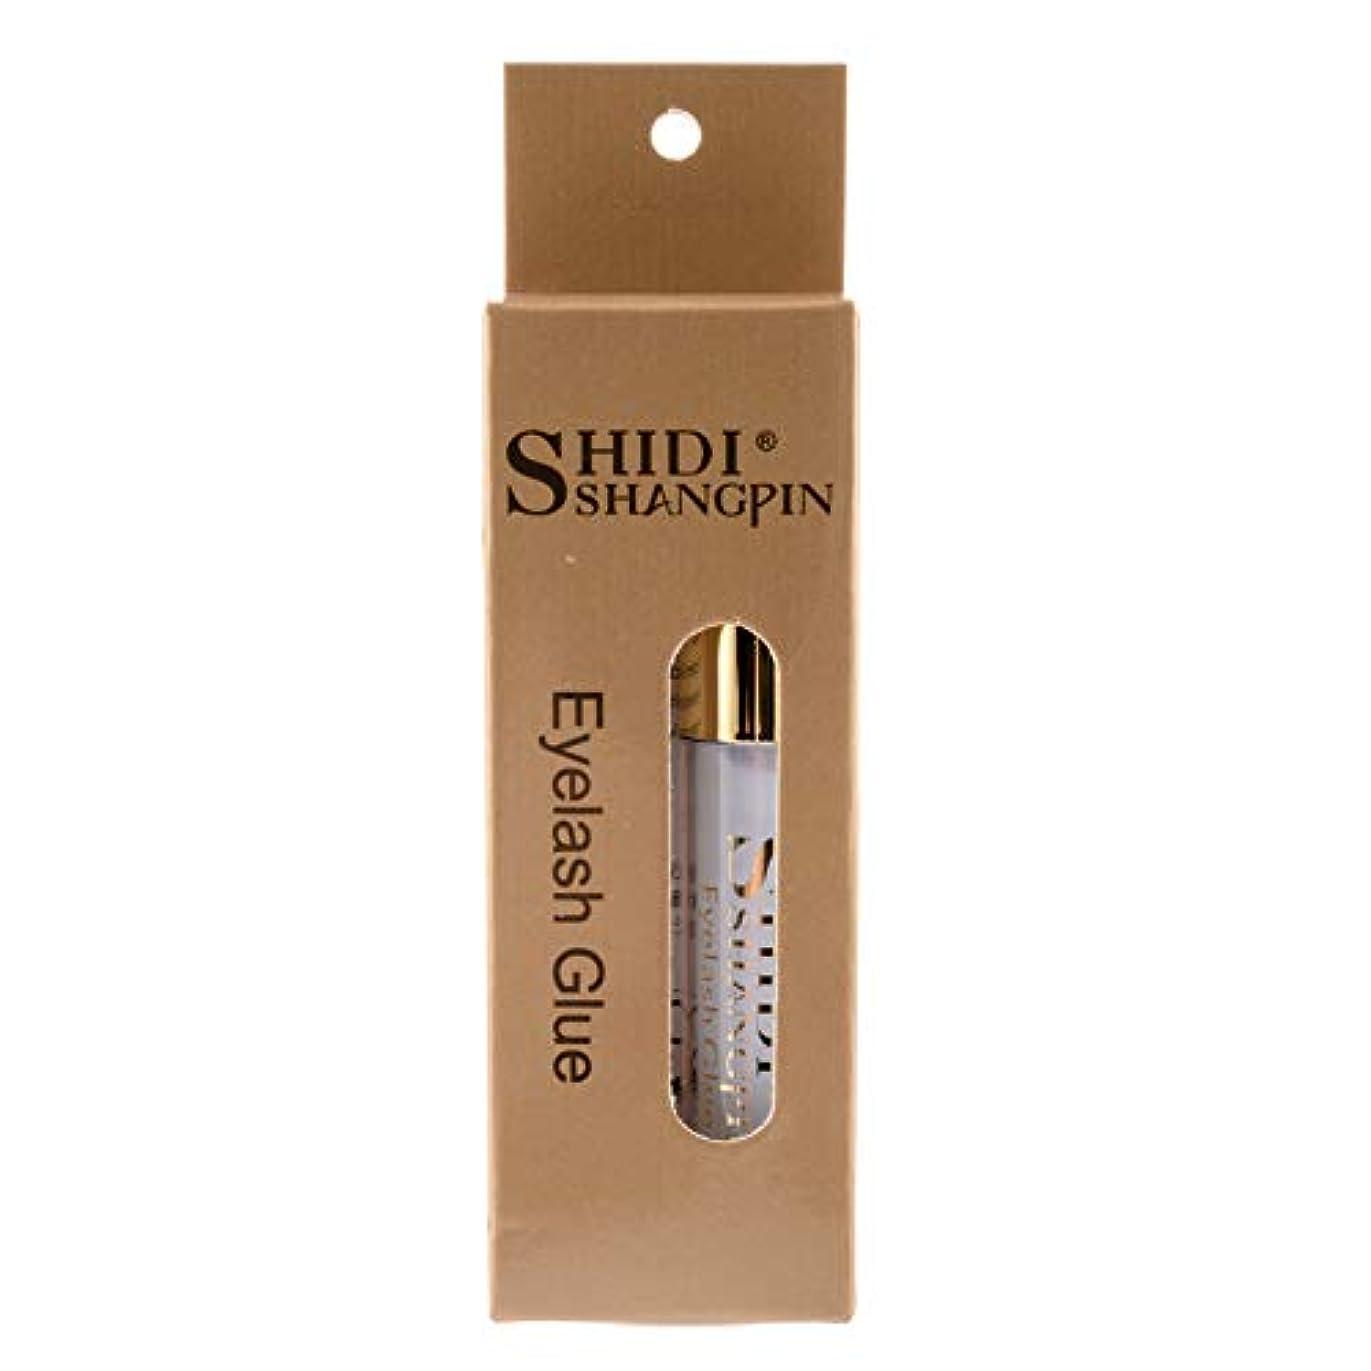 記念碑卒業記念アルバム上院SHIDI SHANGPIN つけまつげ接着剤 超強力タイプスーパーフィット乳白色 5g